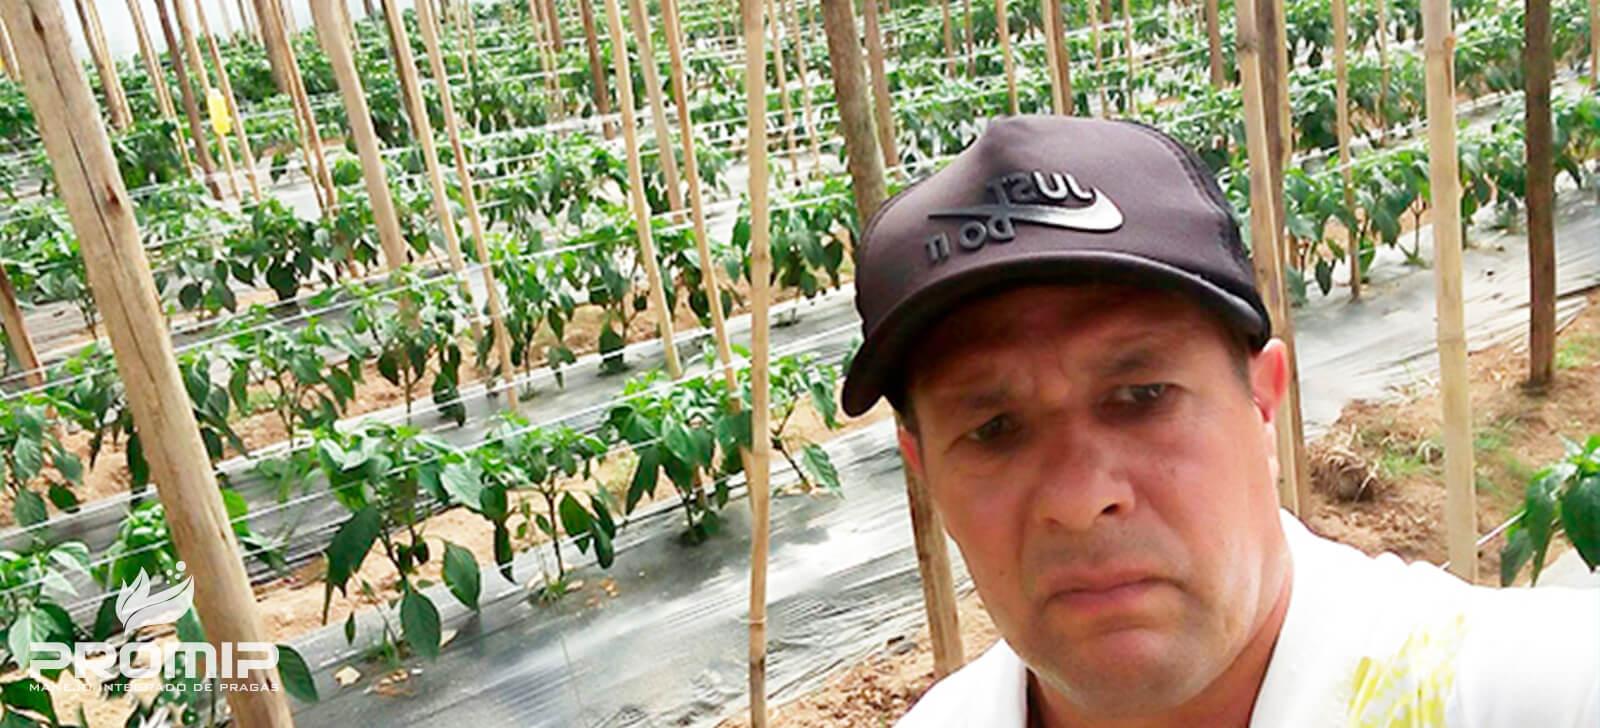 promip manejo integrado de pragas controle biologico agricultores reconhecem na pratica beneficios do controle biologico culto do pimentao (1)